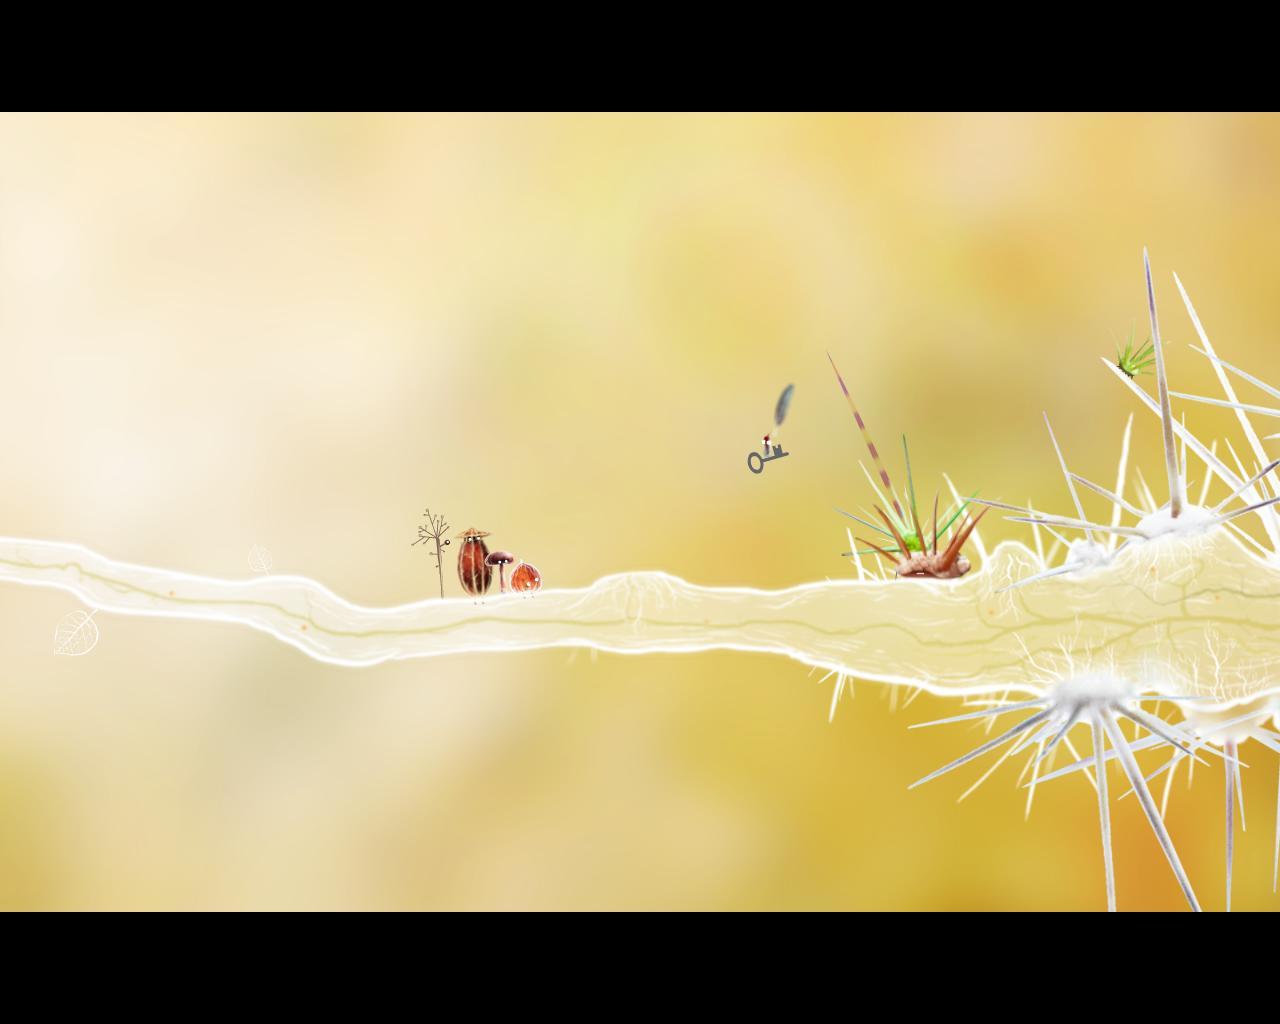 Botanicula, hra která zahřeje u srdce 6557